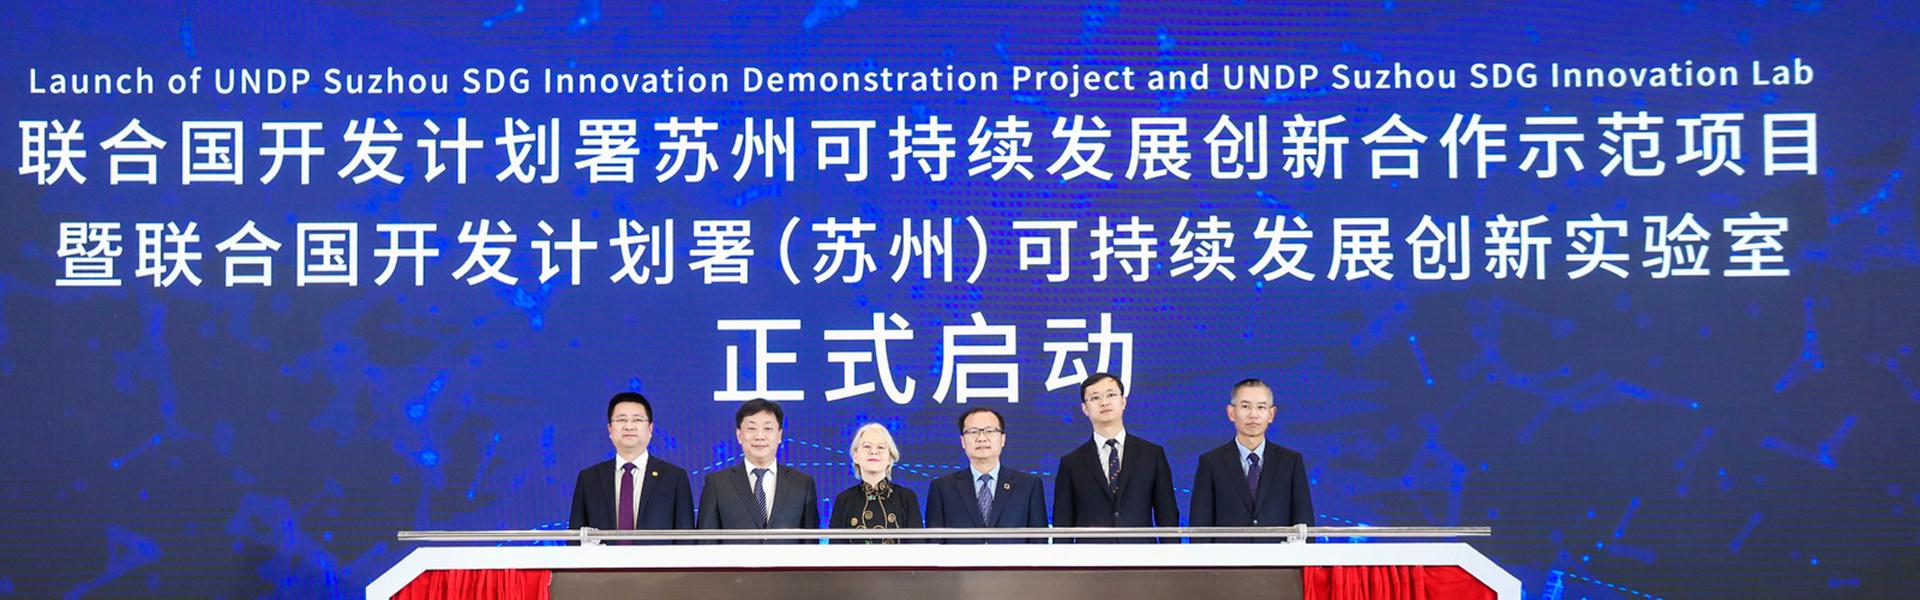 联合国1-315.jpg